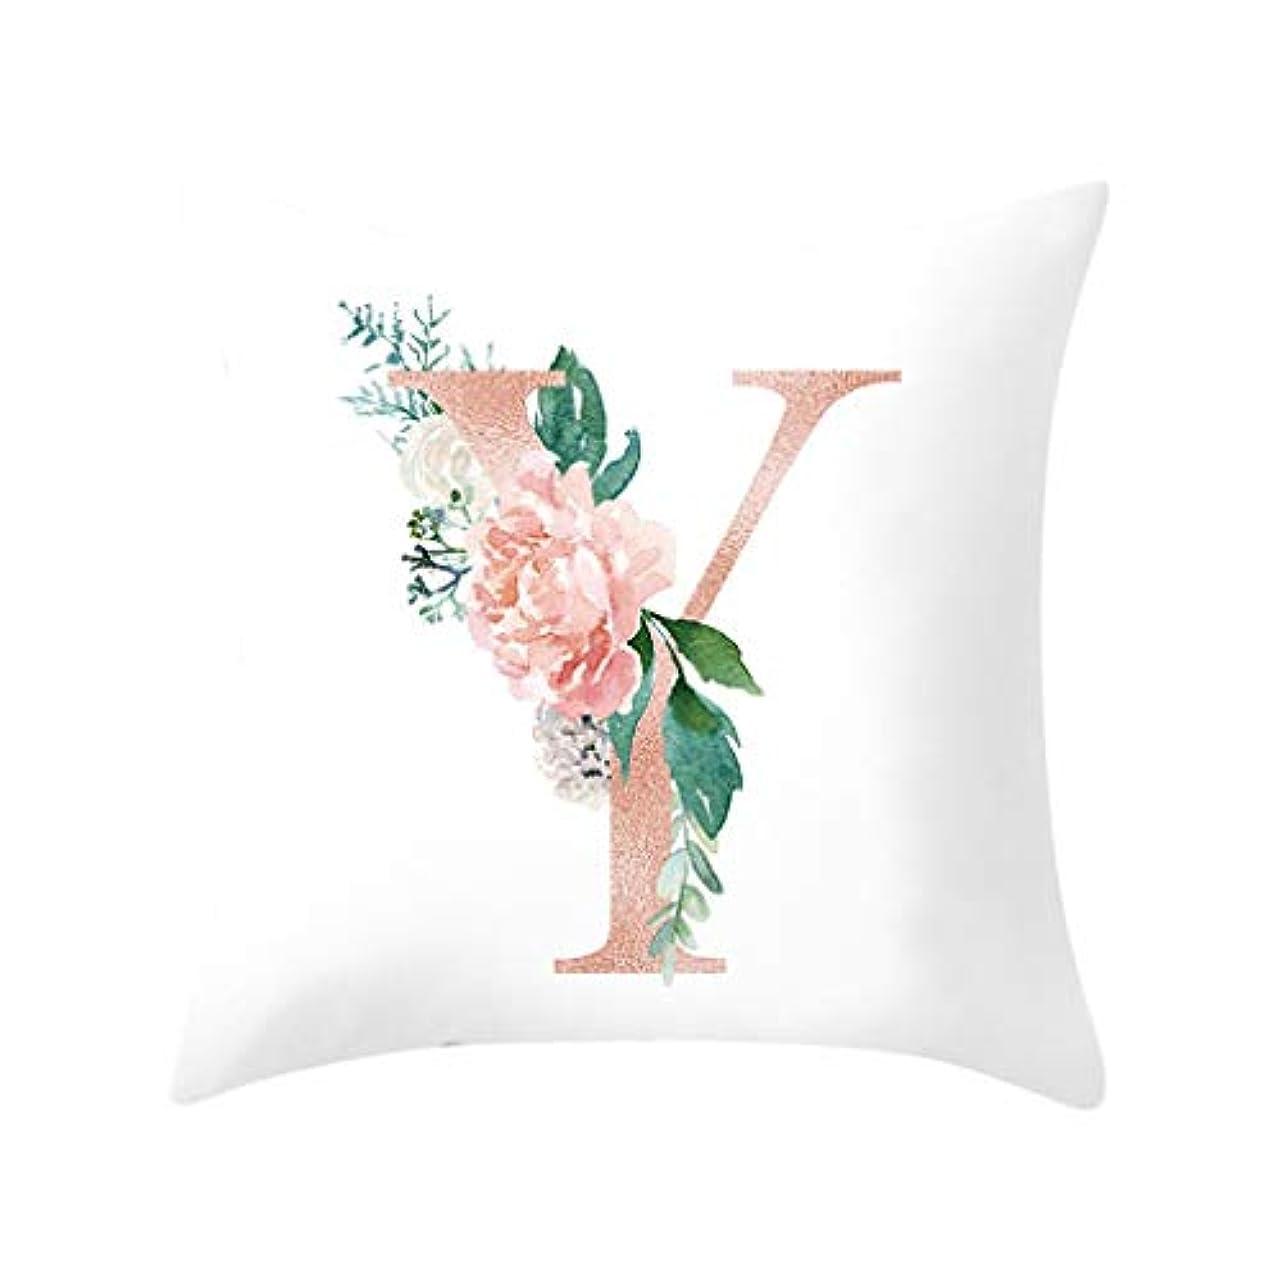 コイン統治するコインLIFE 装飾クッションソファ手紙枕アルファベットクッション印刷ソファ家の装飾の花枕 coussin decoratif クッション 椅子